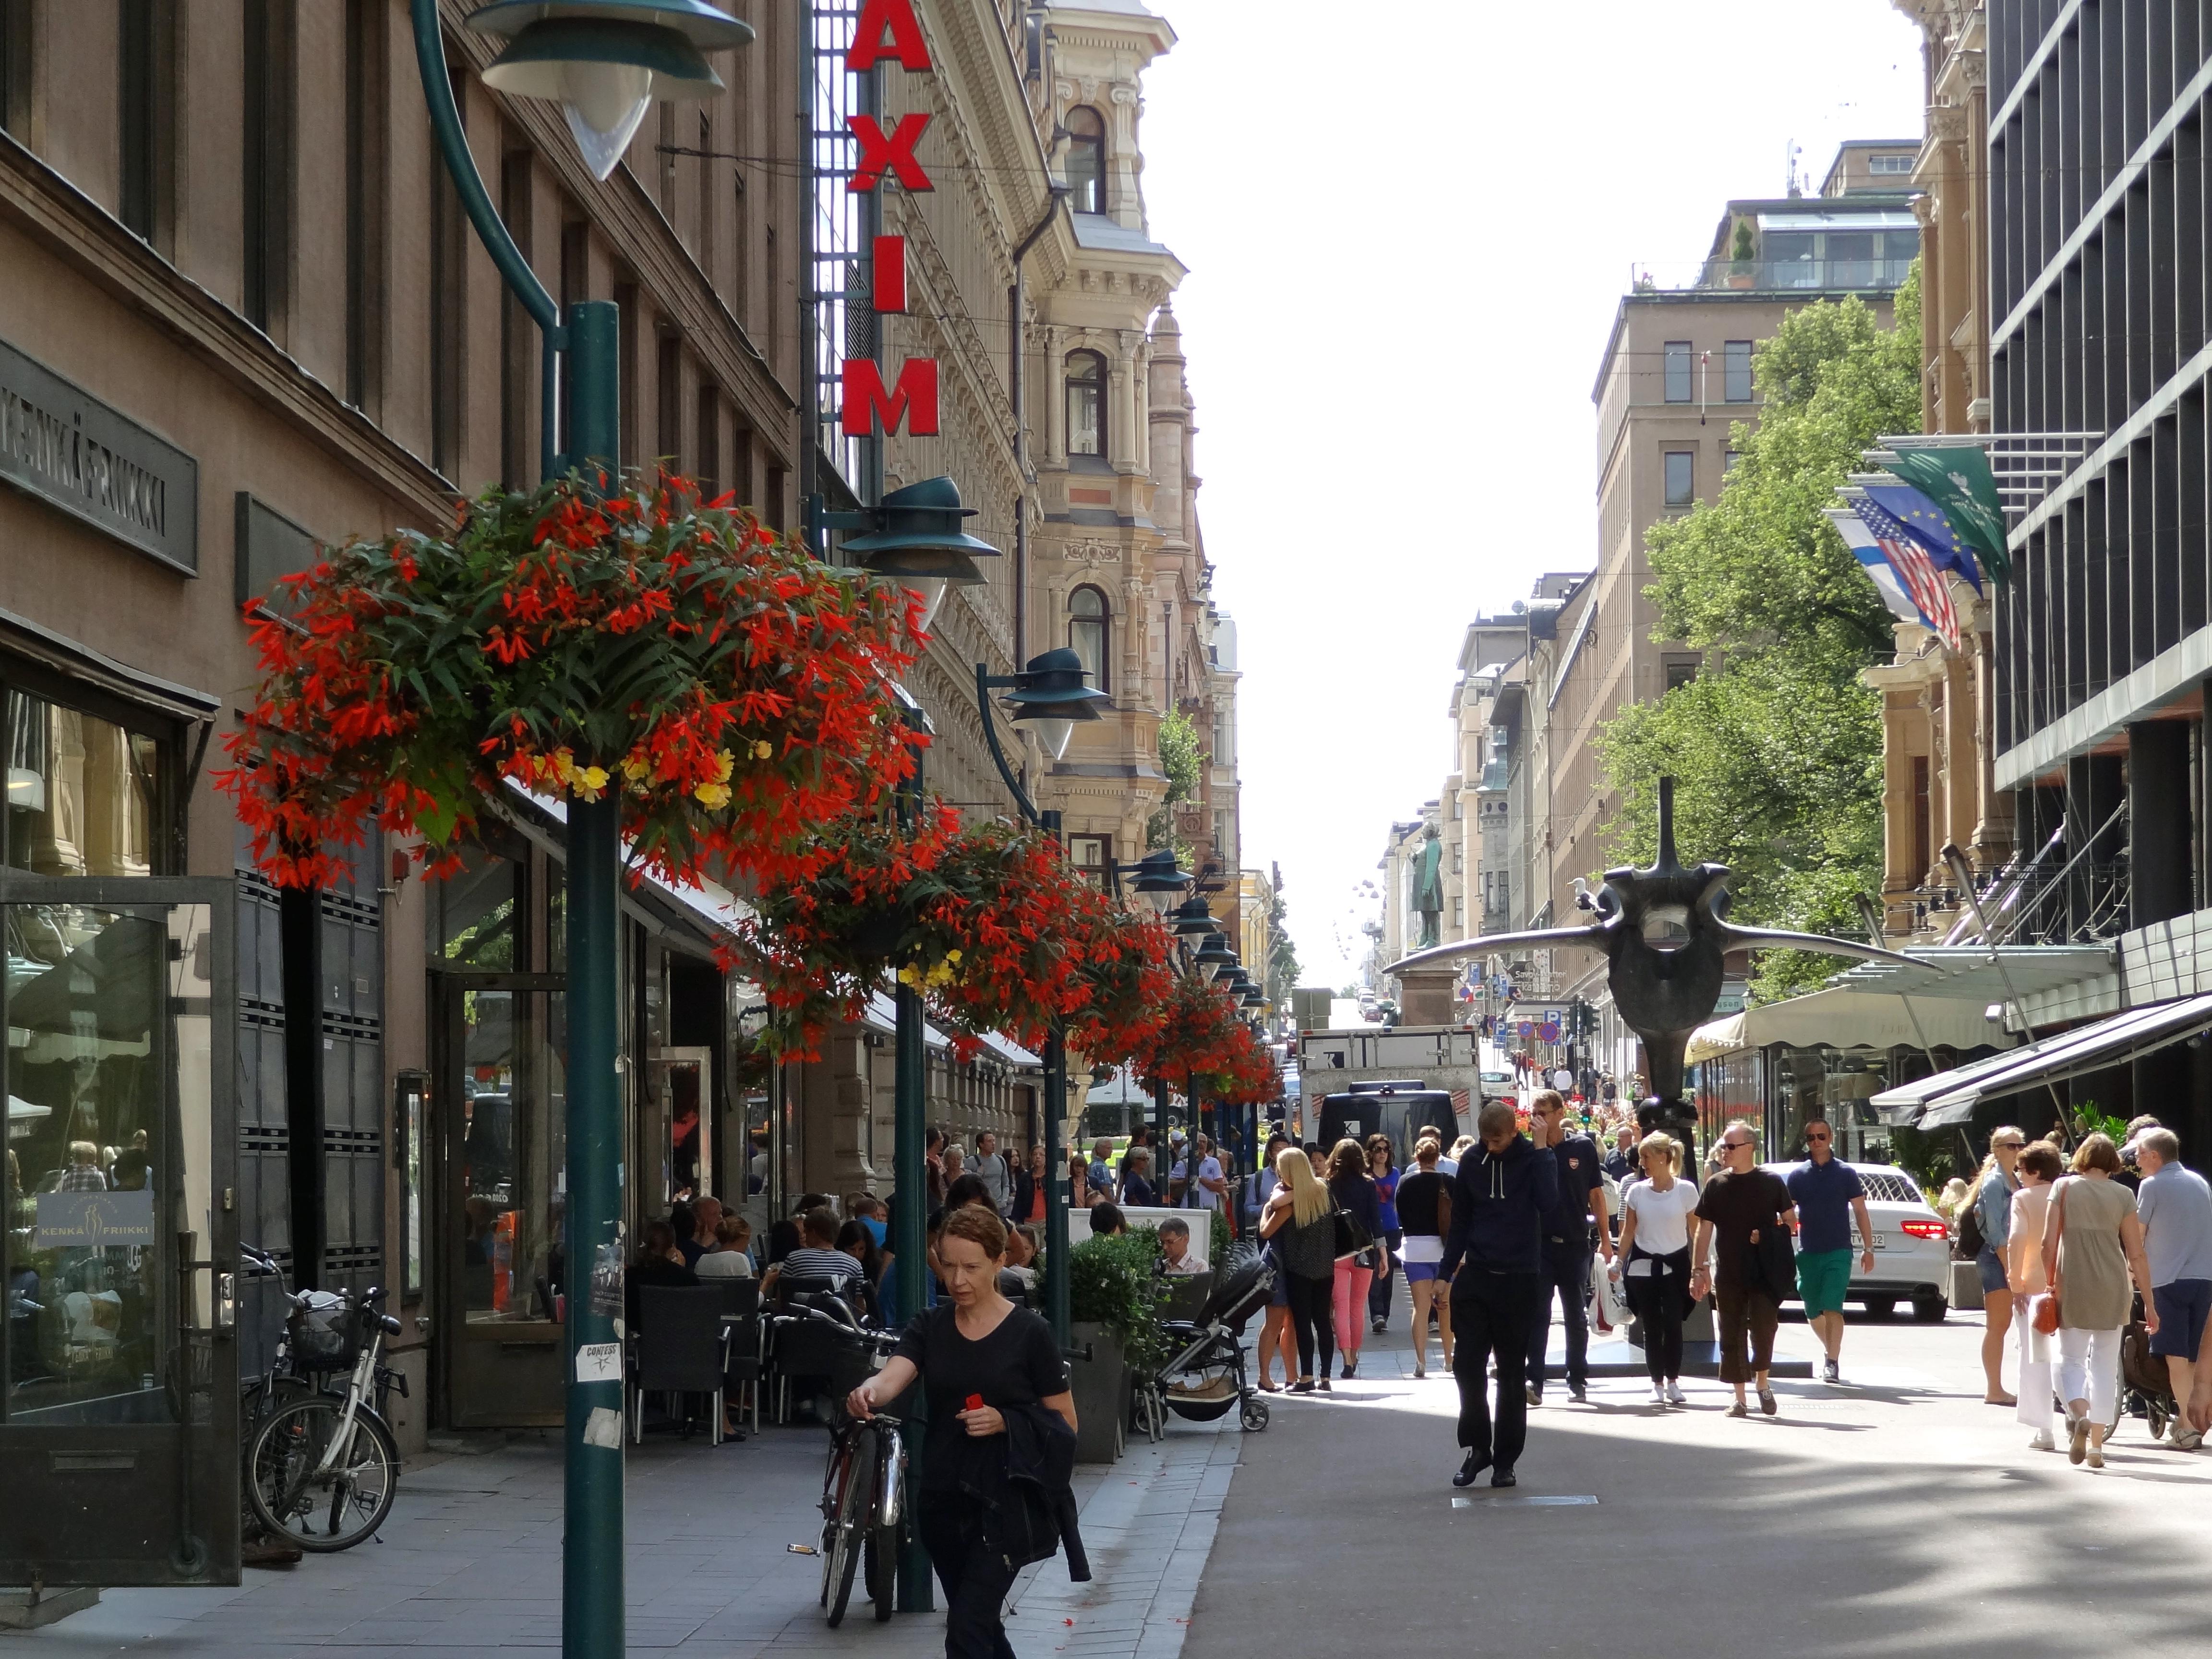 Shopping in Helsinki